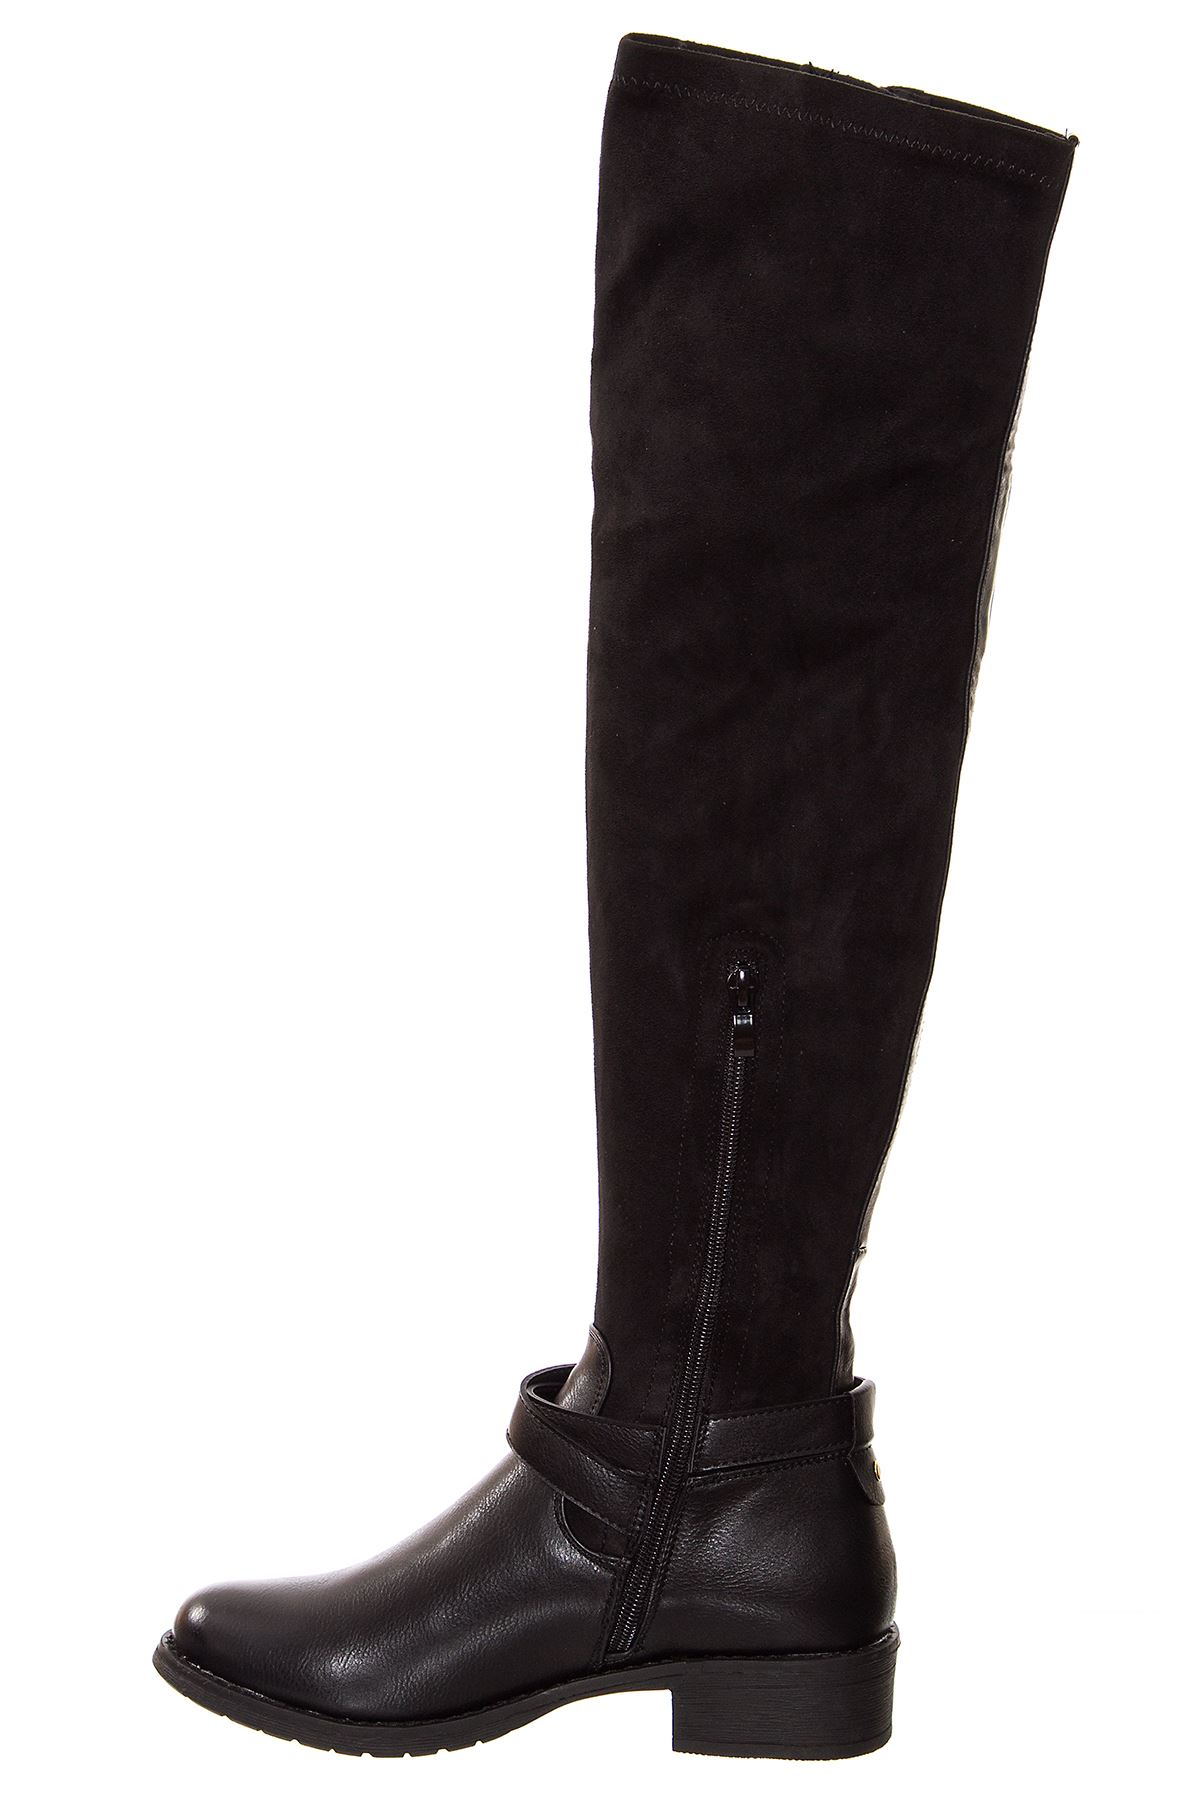 new women s chelsea buckle 1 5 inch heel the